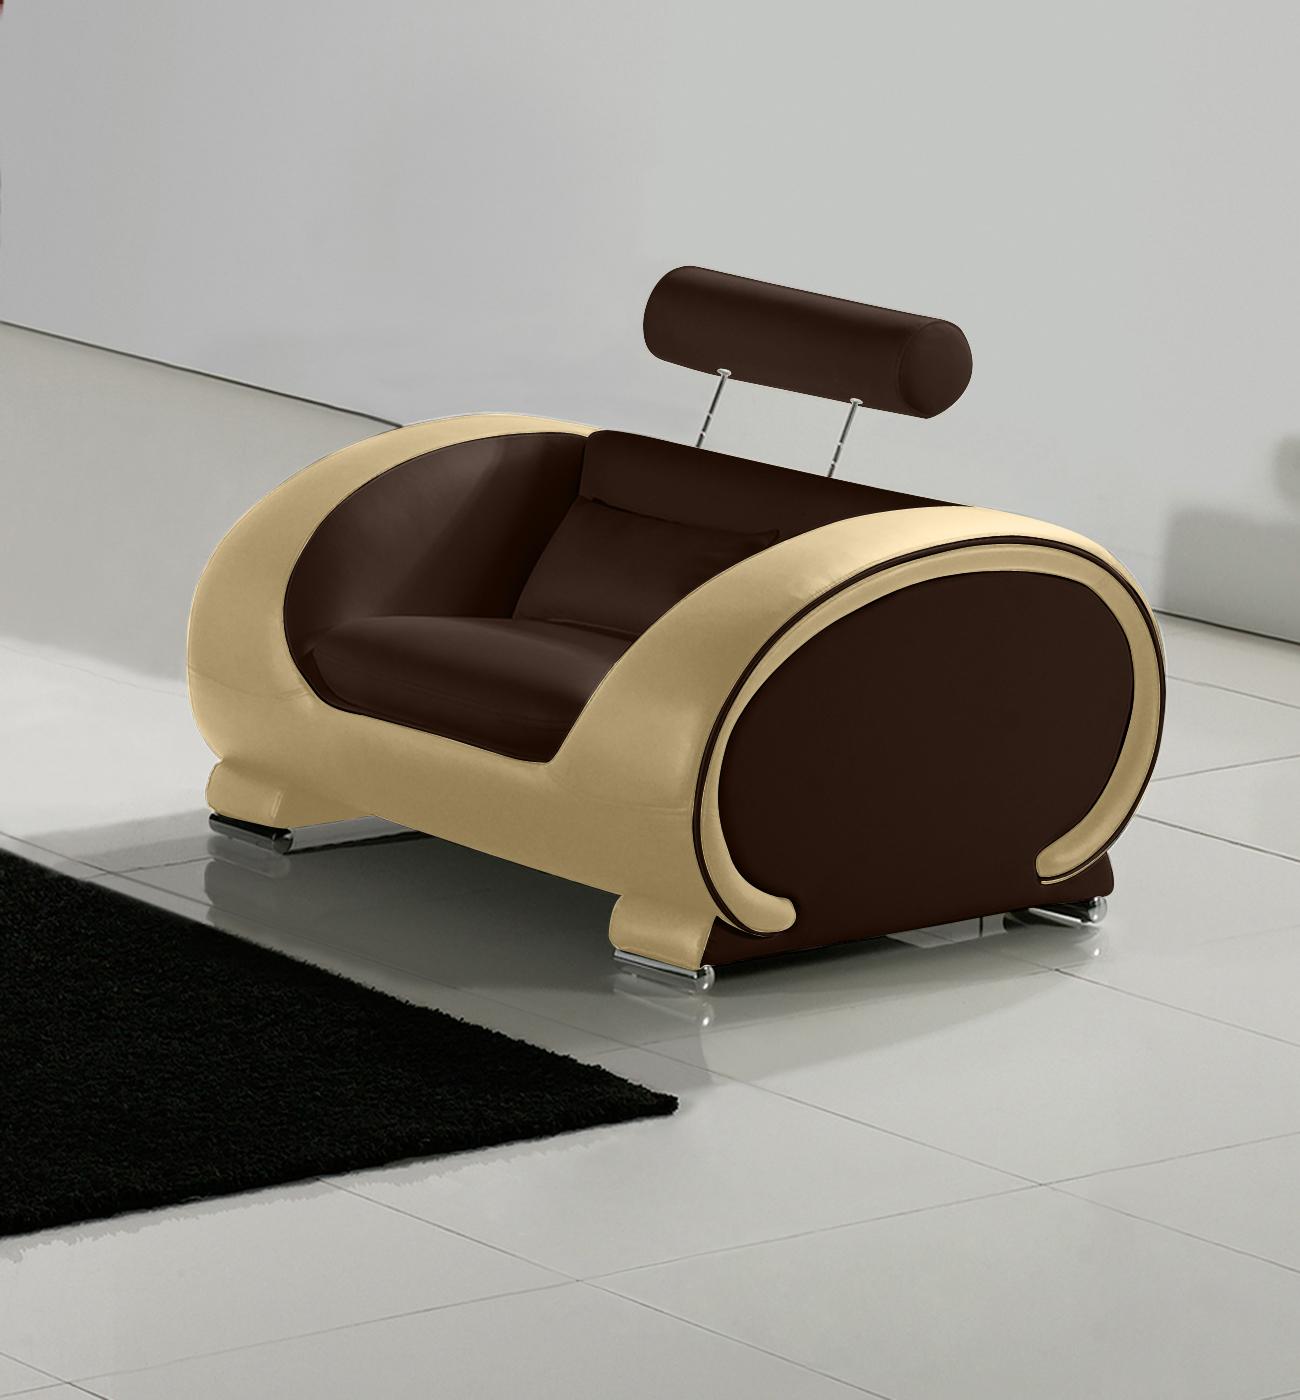 wohnzimmer braun creme:SAM® Design Wohnzimmer Sessel 108 cm braun / creme Vigo Auf Lager